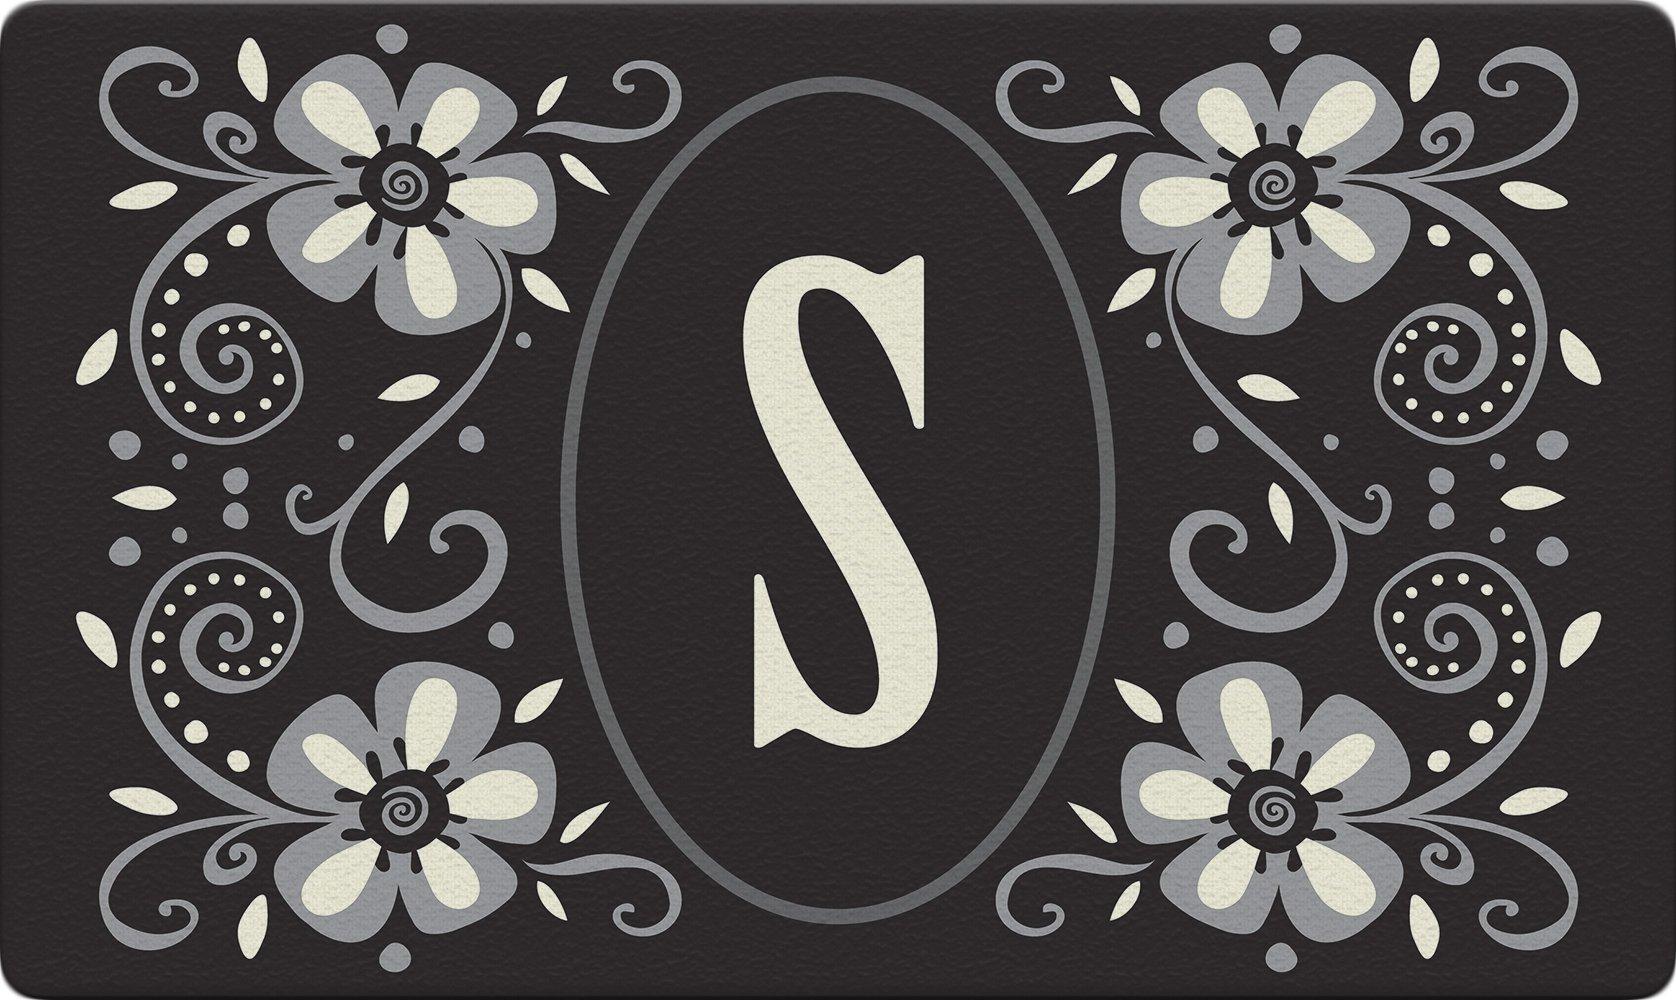 Toland Home Garden Classic Monogram S 18 x 30 Inch Decorative Floor Mat Flower Design Pattern Doormat